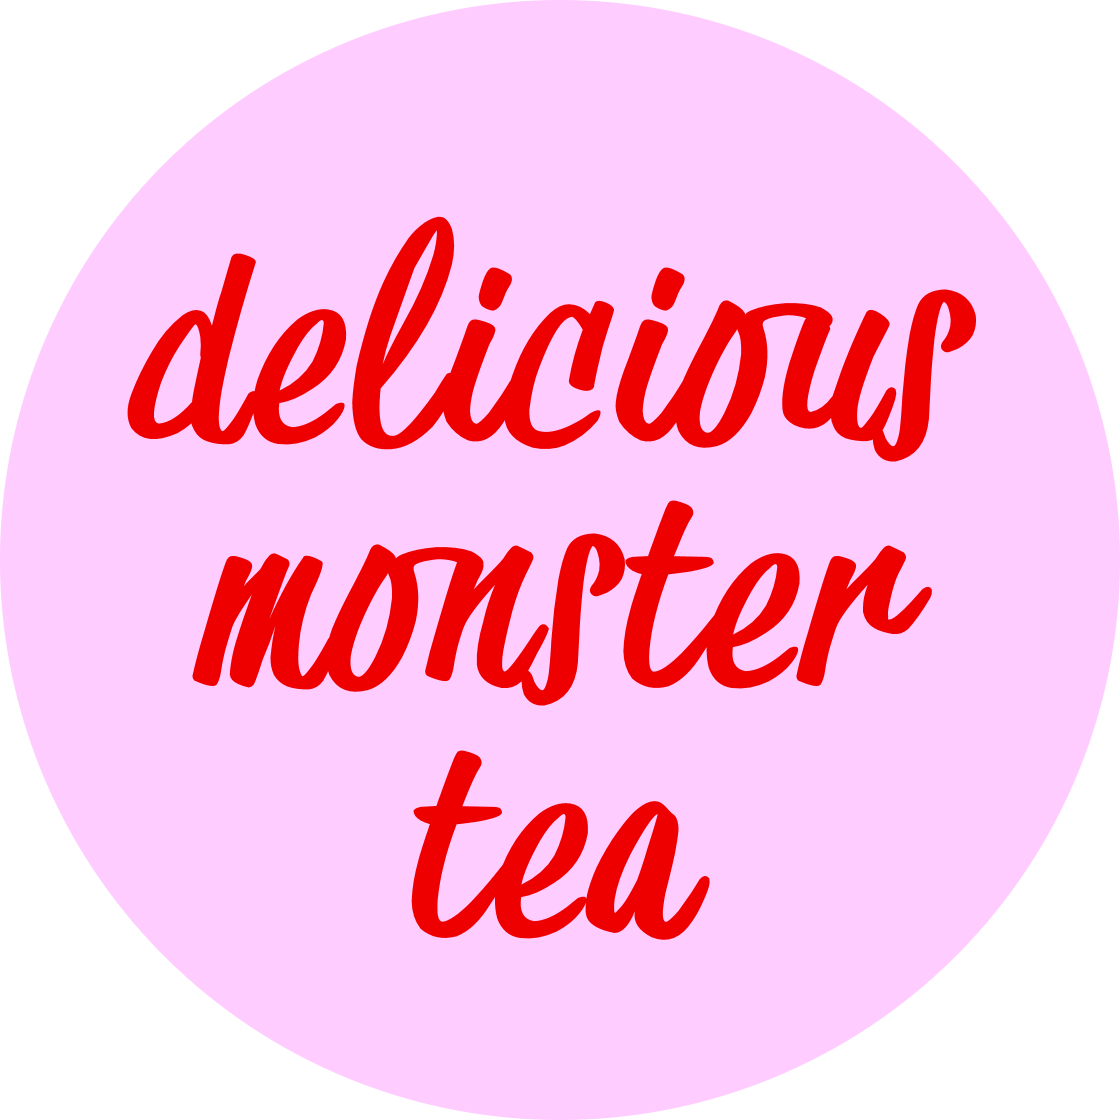 Delicious Monster Tea Logo